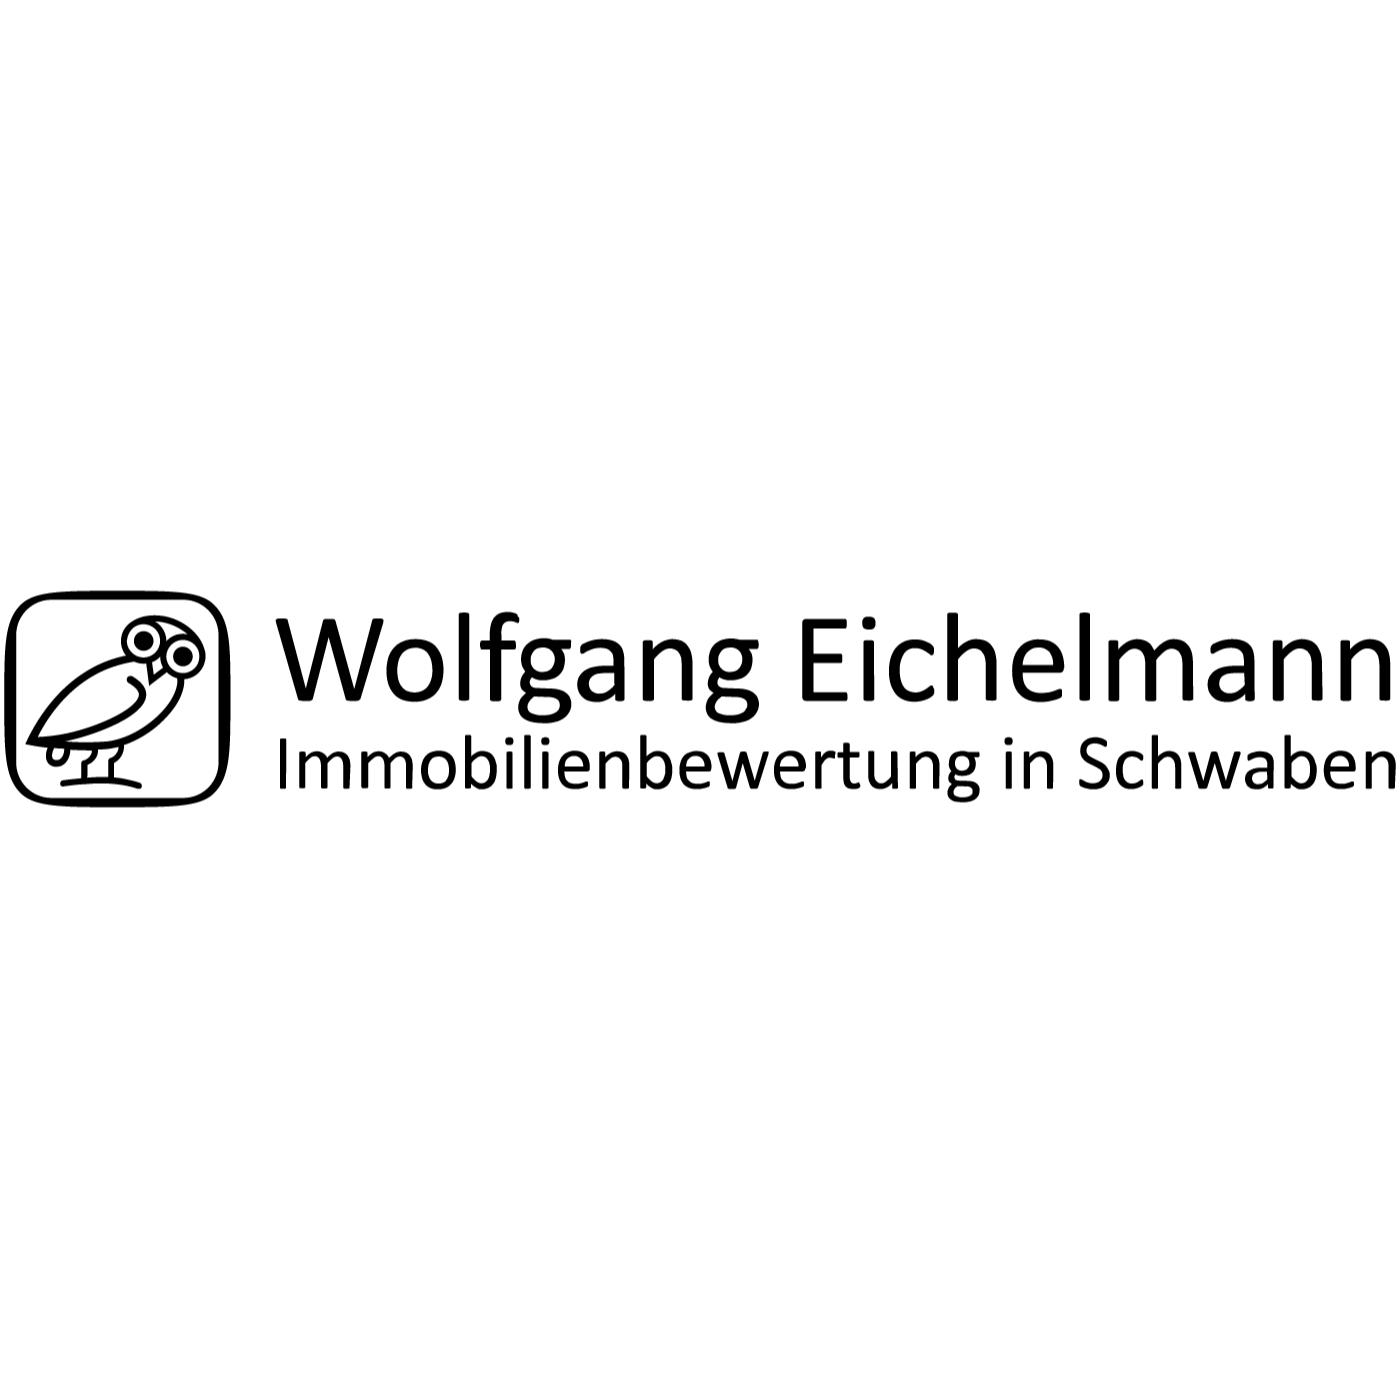 Bild zu Wolfgang Eichelmann Öffent. best. Immobilien Gutachter & Sachverständiger für Immobilienbewertung in Ulm an der Donau